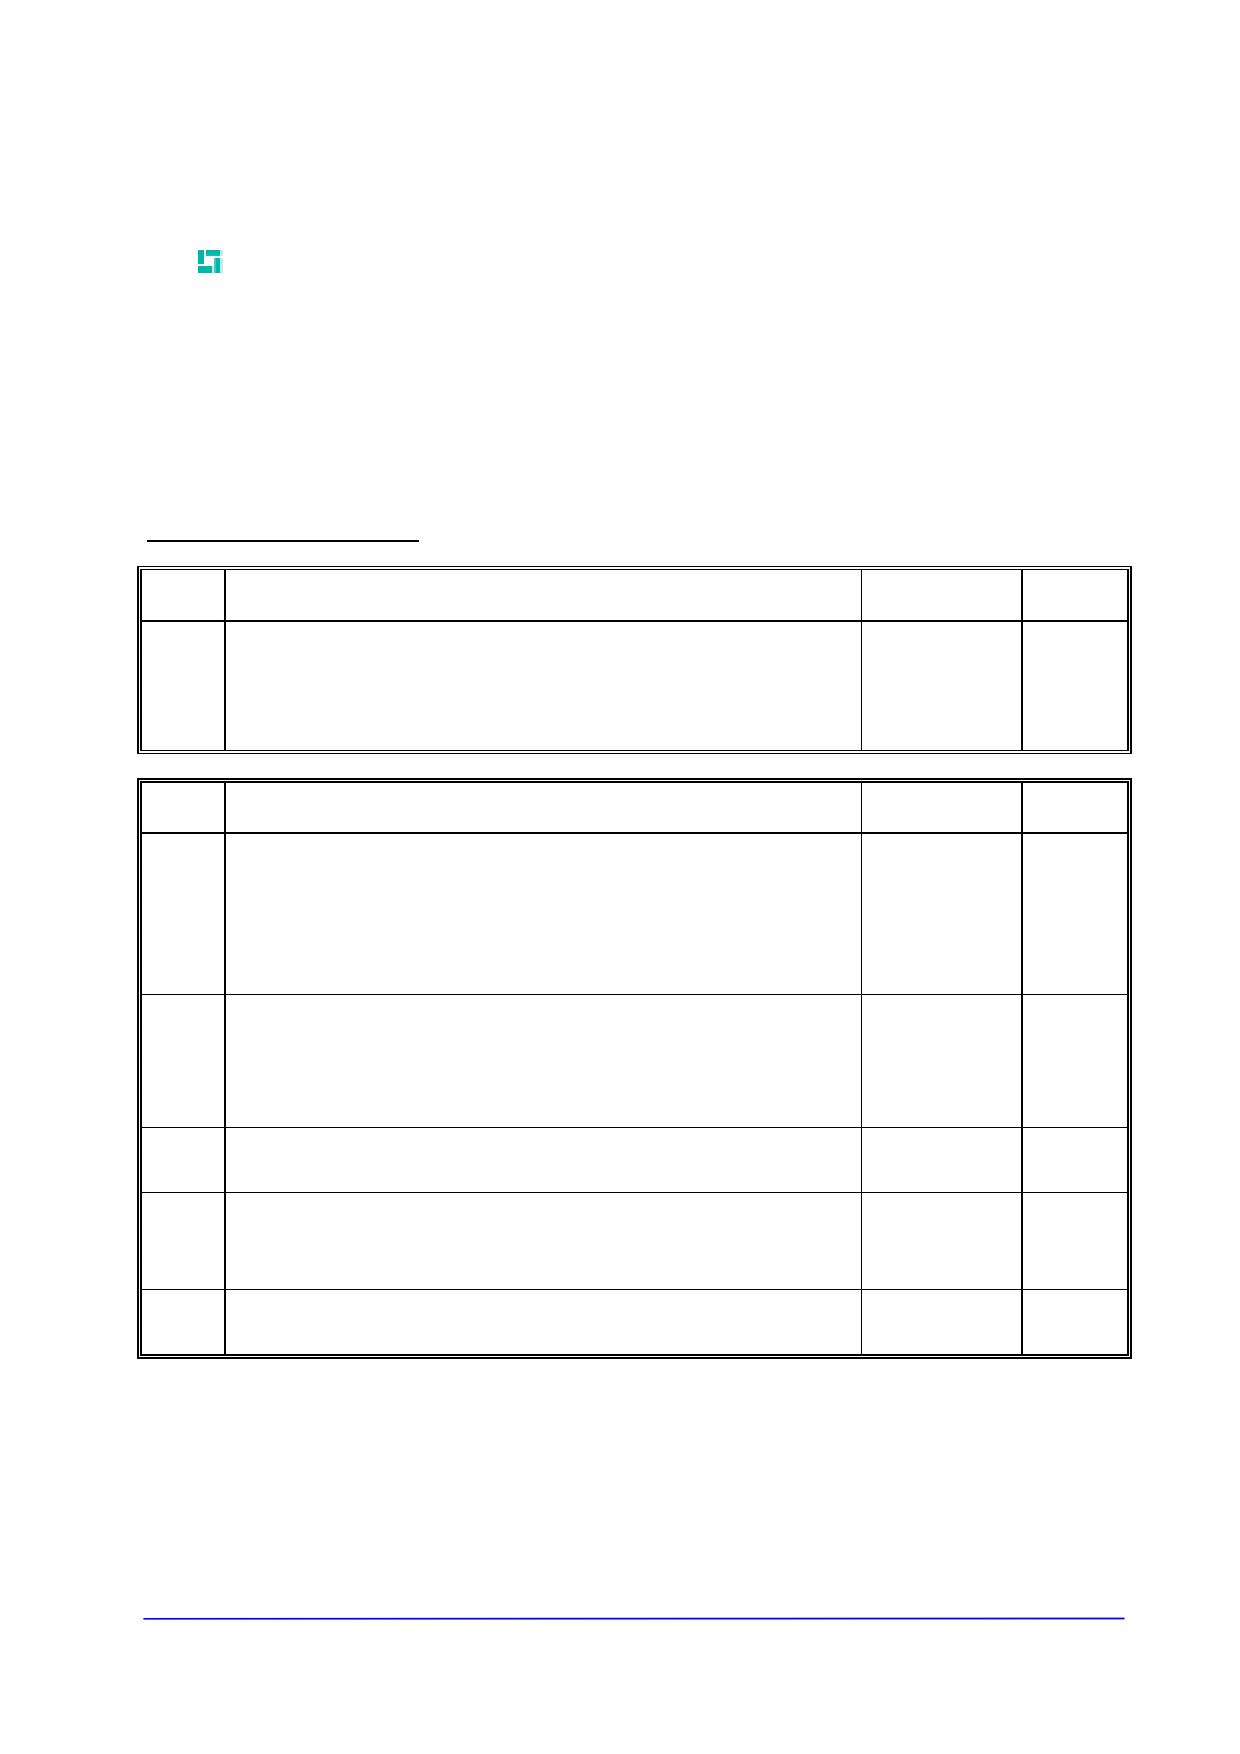 R0487YS14D datasheet